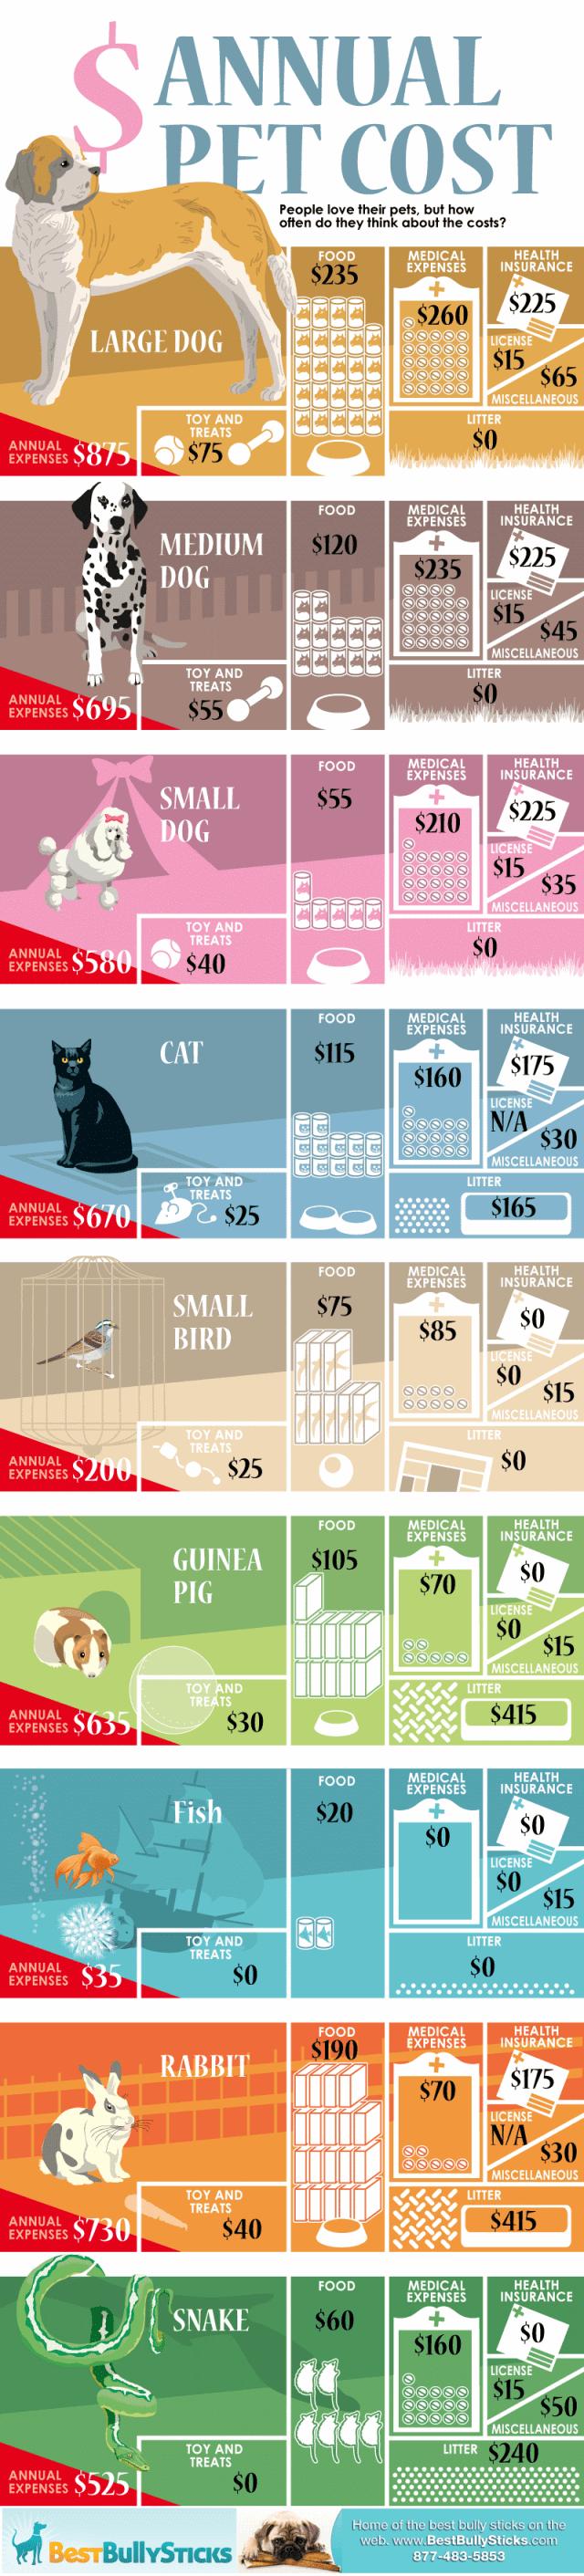 Cat Costs Vs Dog Costs